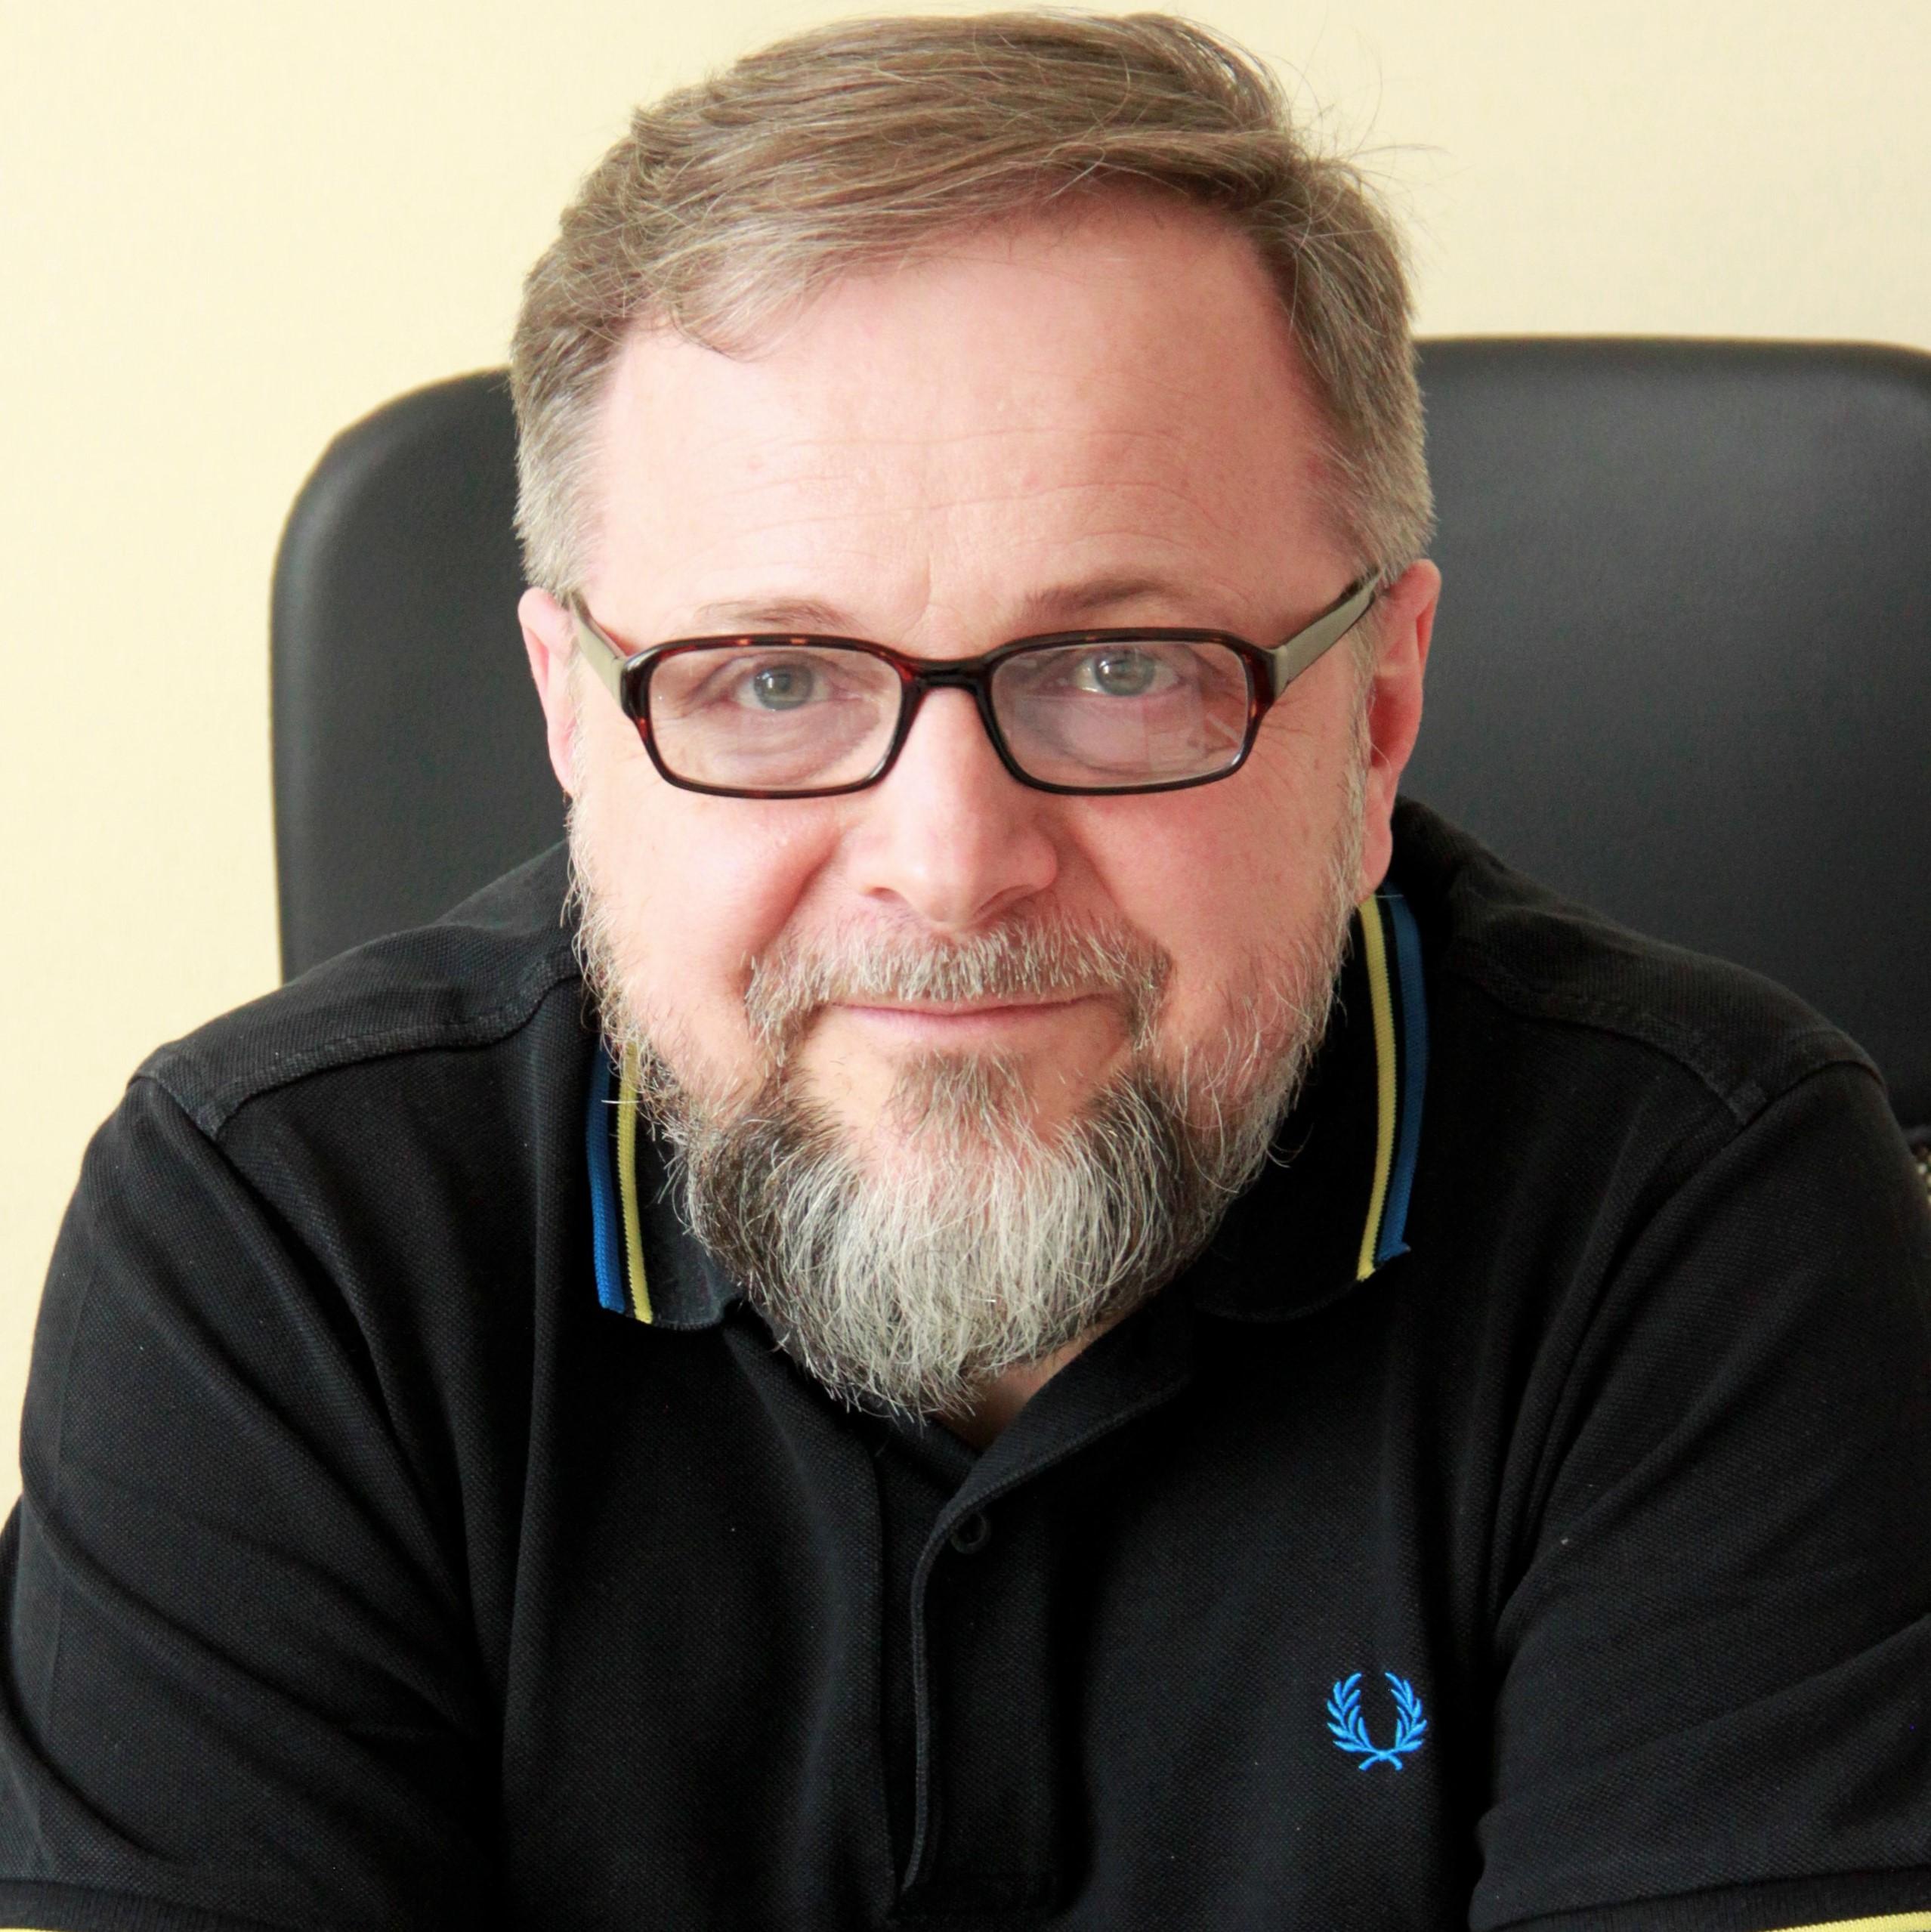 Grzegorz Grzonka Zastępca Dyrektora Fundacji Internationaler Bund Polska